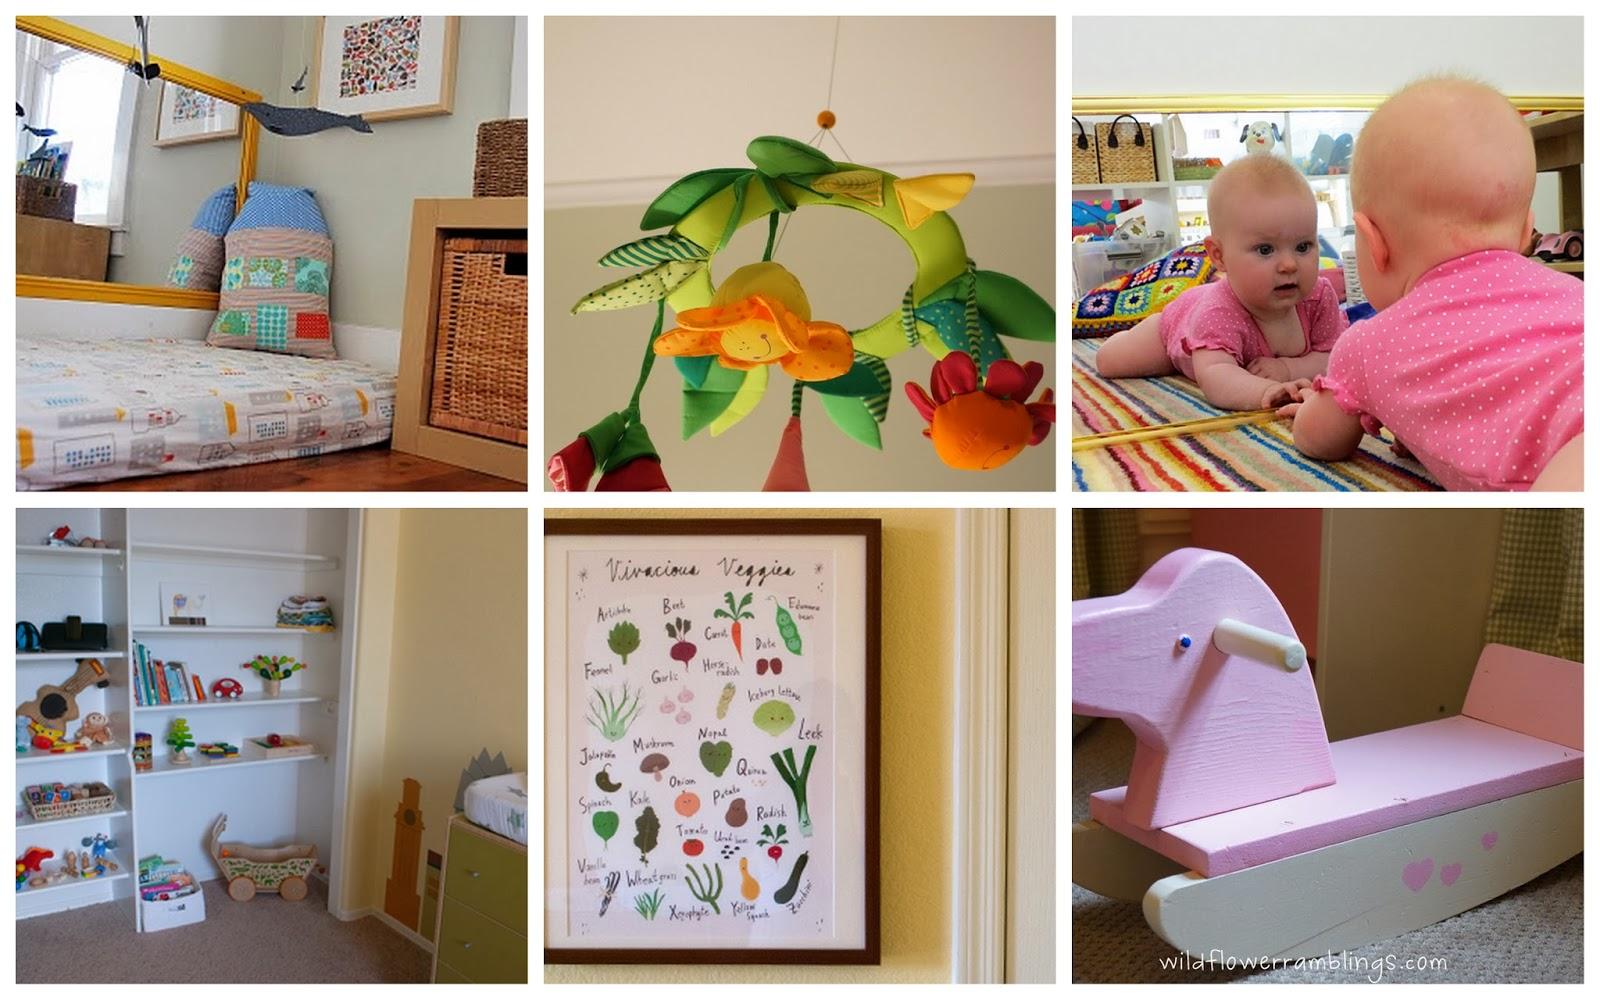 Montessori Sangat Menitik Beratkan Kebebasan Pergerakan Bayi Biarkan Mereka Meniarap Berpusing Terlentang Berguling Menelaah Buku Algebra Dan Berenang